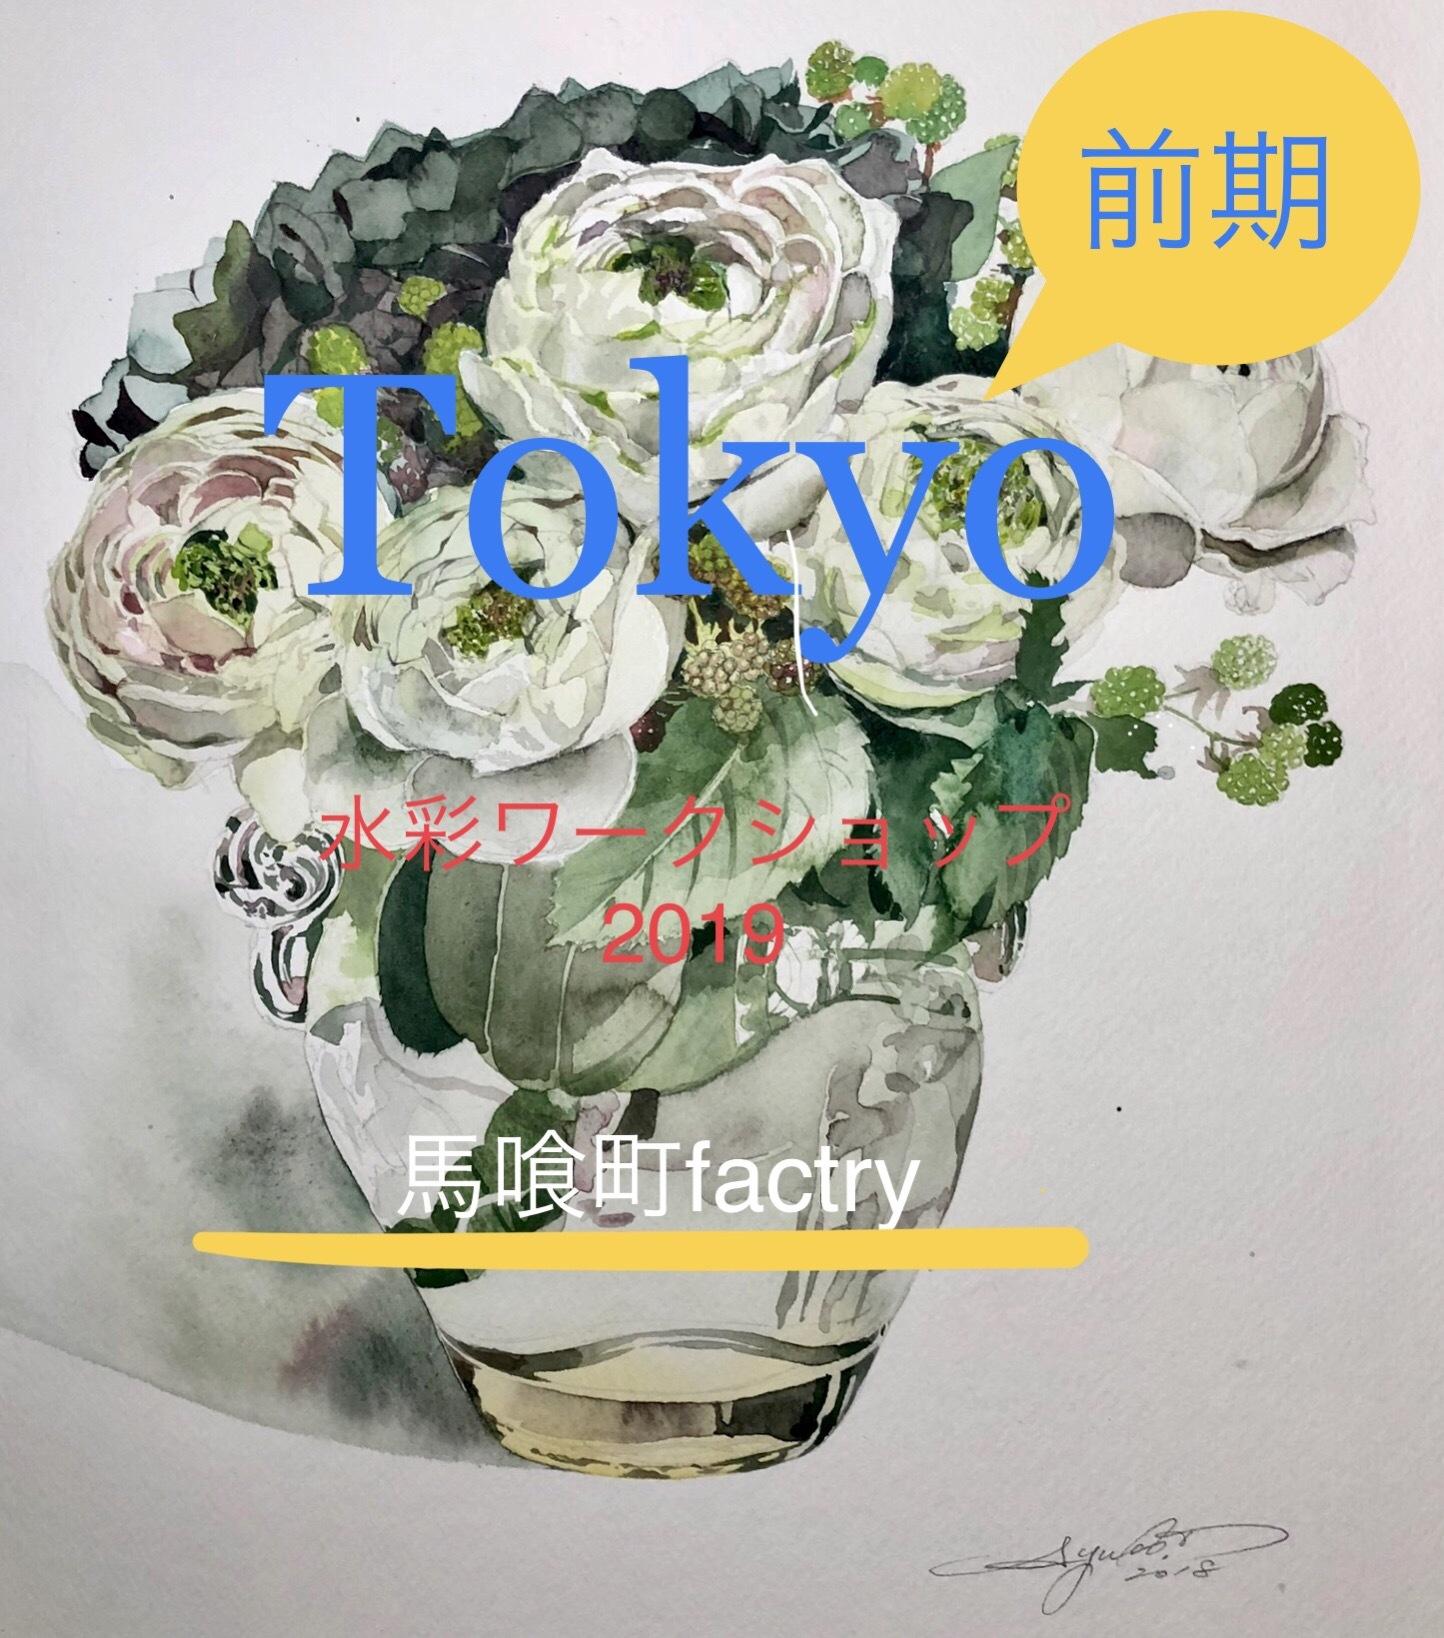 2019年前期 東京水彩ワークショップ 素敵なガラス花瓶とコーディネートで薔薇とフルーツを描くガラス花瓶付き